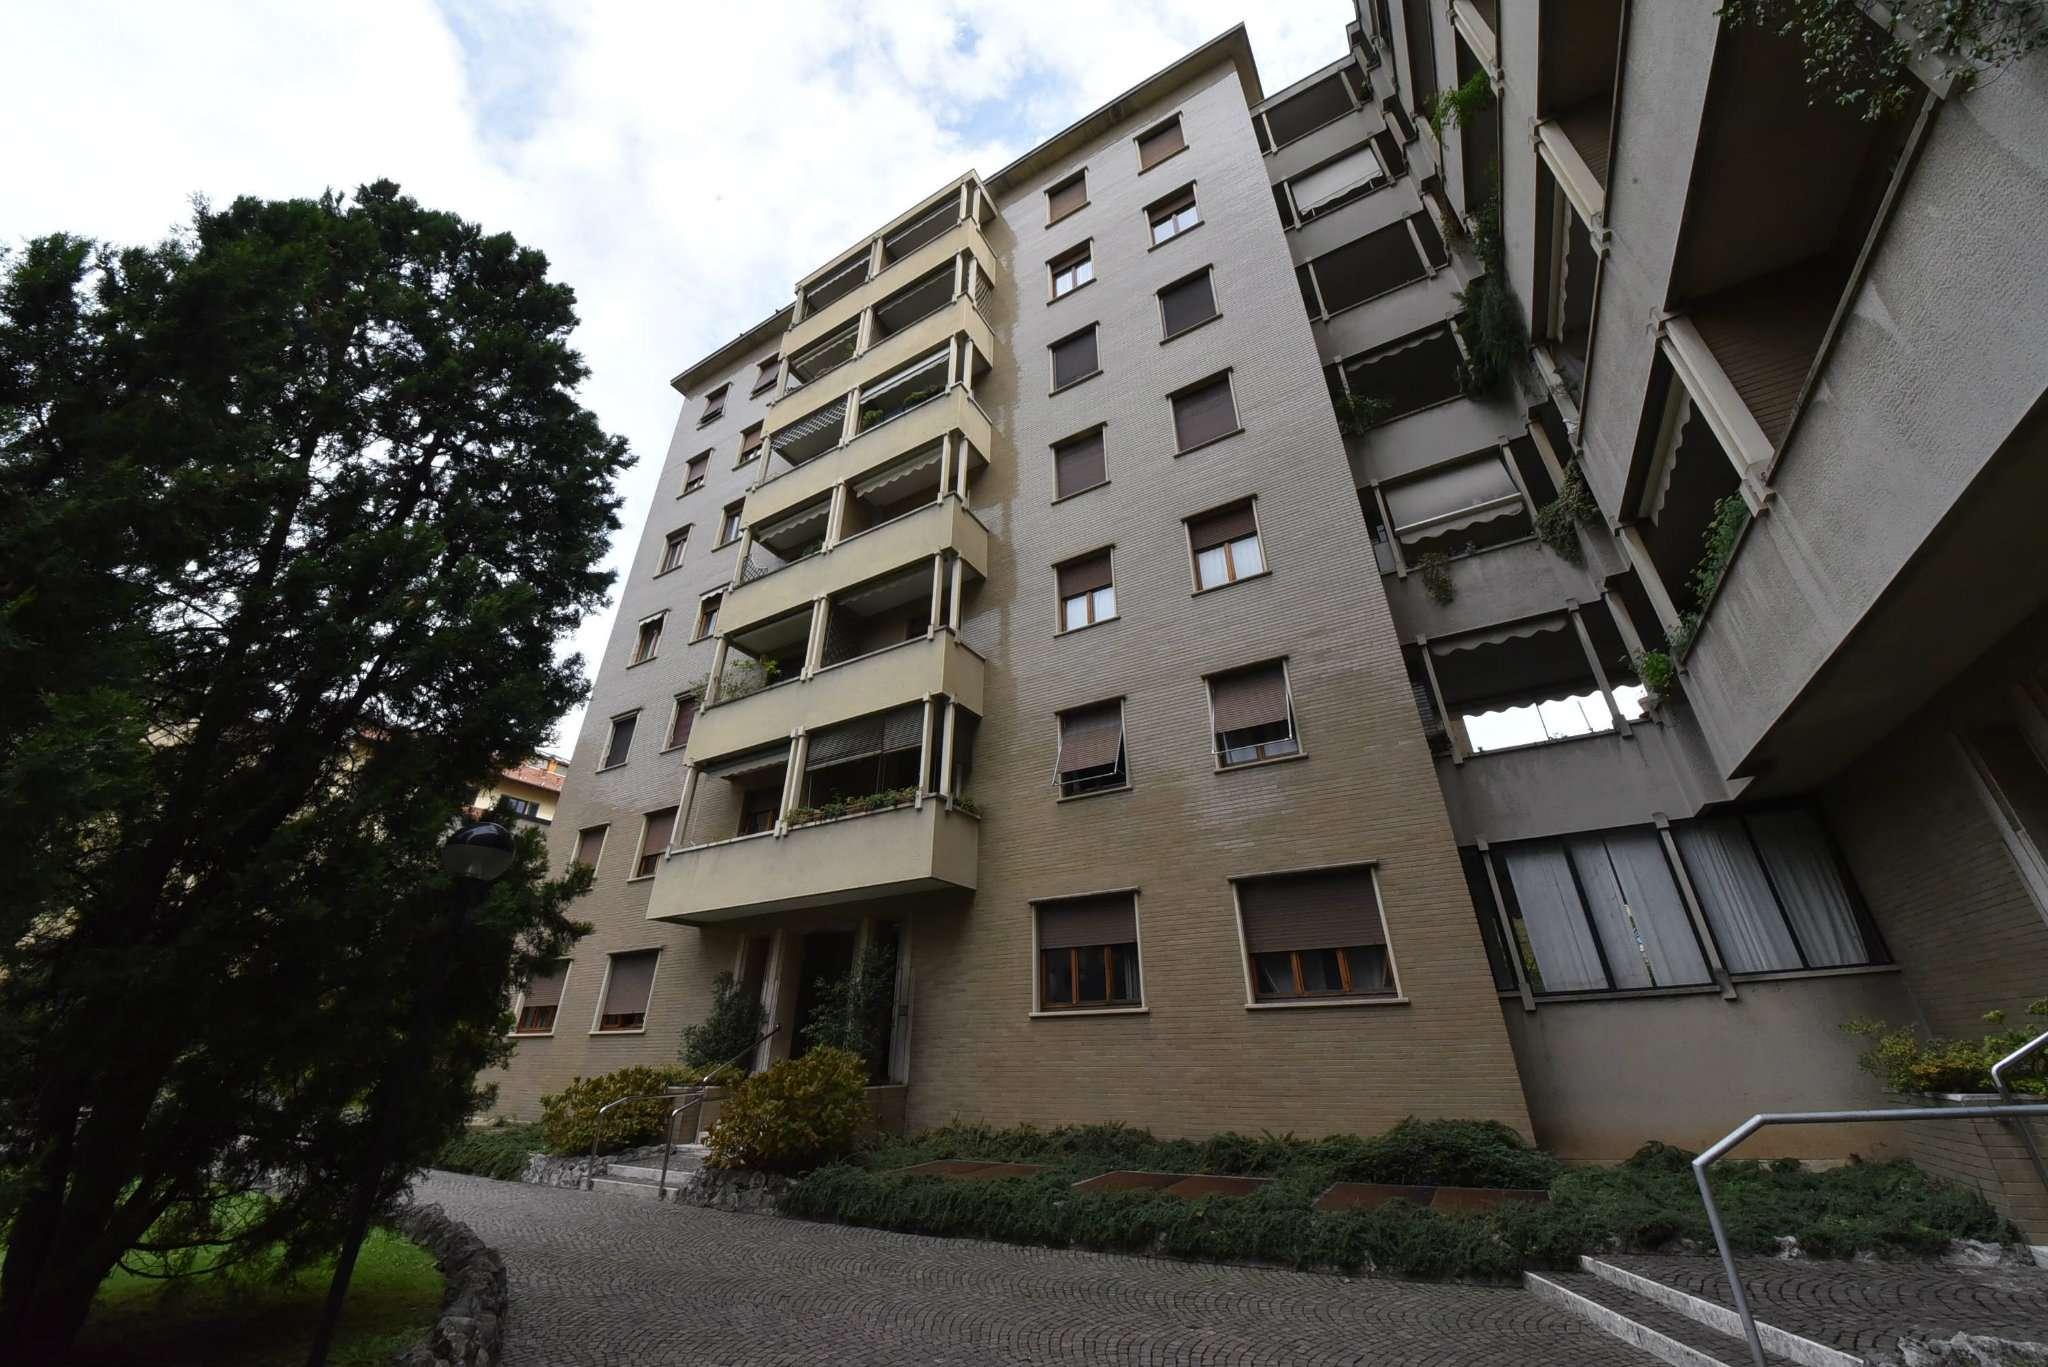 Attico / Mansarda in affitto a Monza, 4 locali, zona Zona: 6 . Triante, San Fruttuoso, Taccona, prezzo € 1.300 | CambioCasa.it